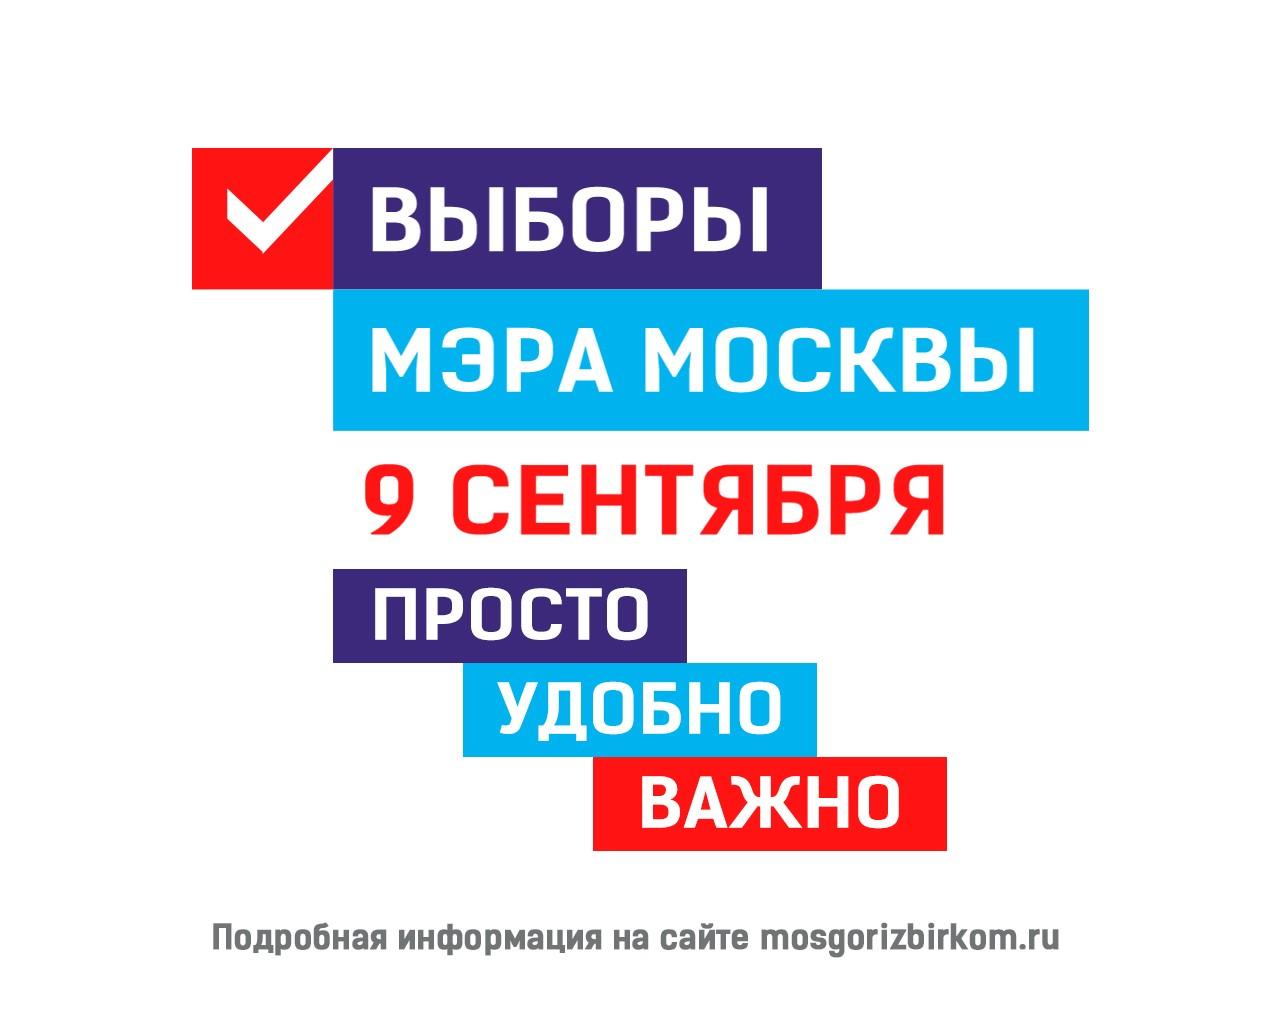 Проголосовать на выборах Мэра Москвы